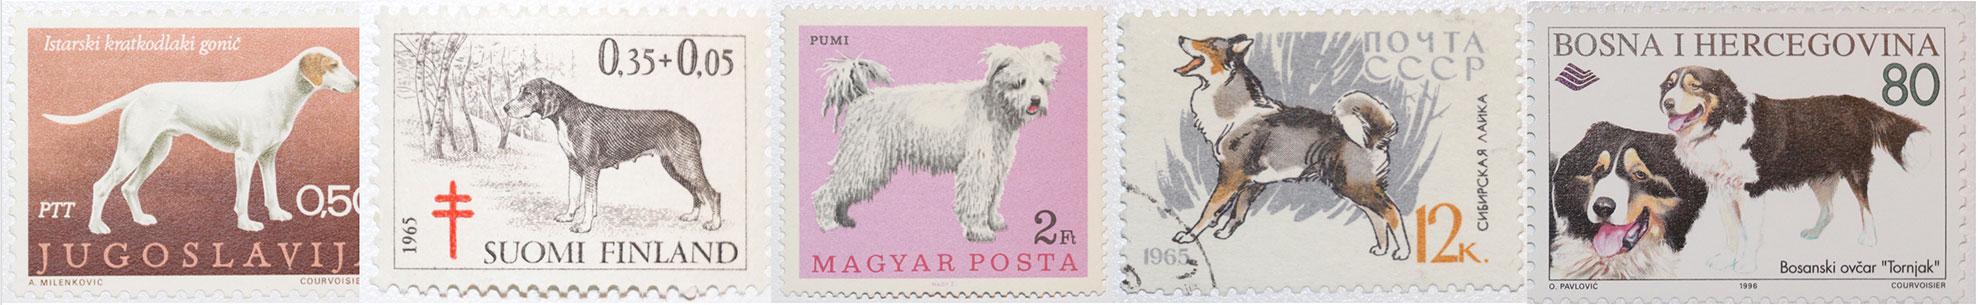 Hunde auf Briefmarken